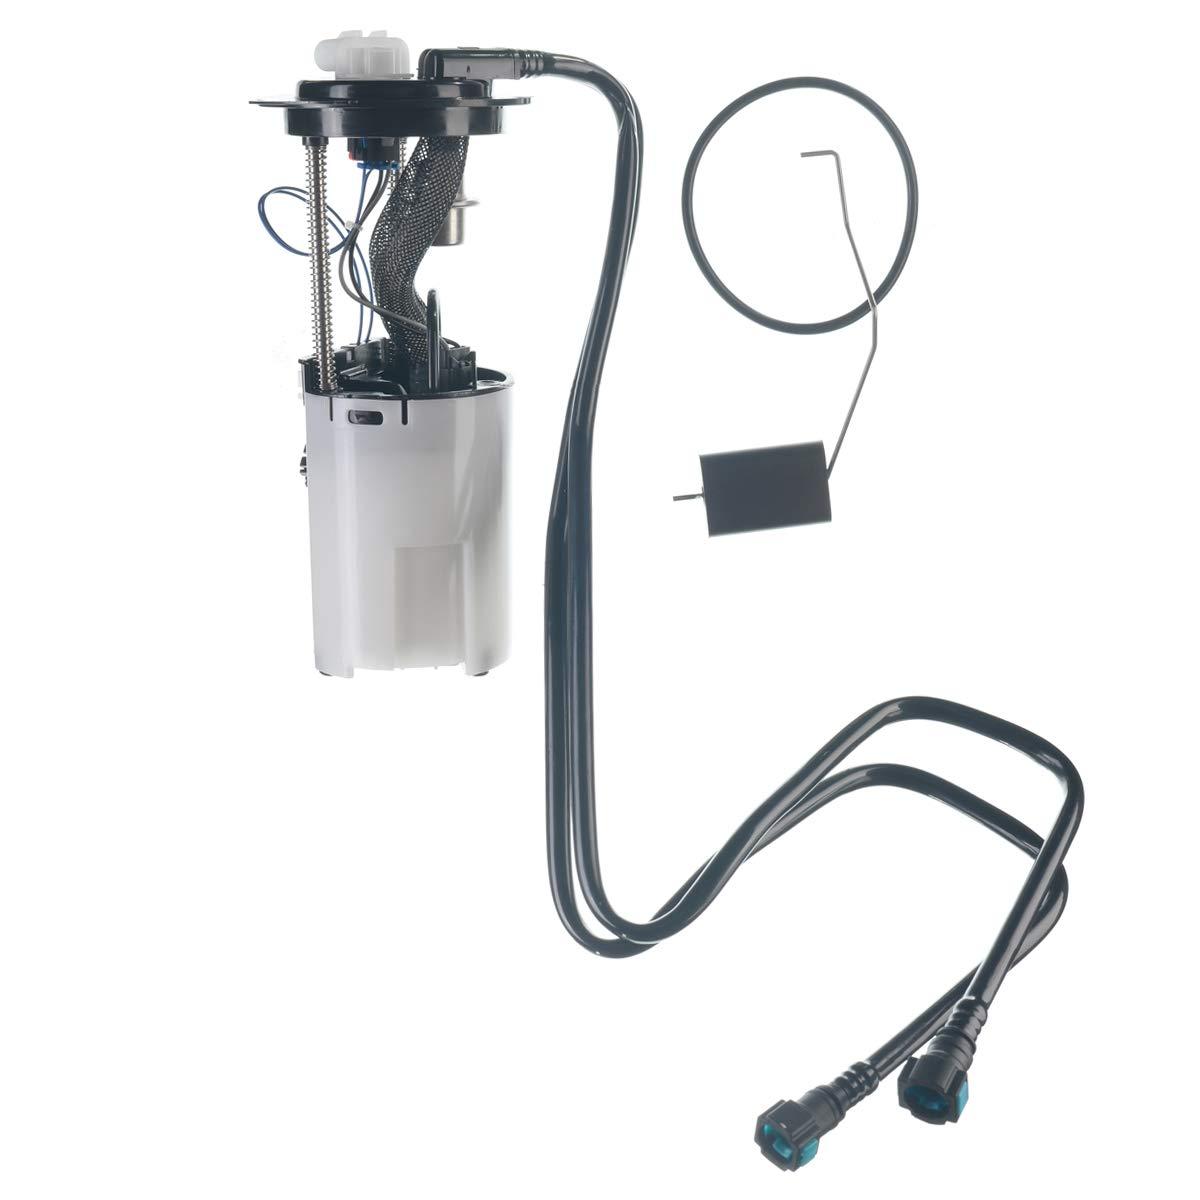 Electric Fuel Pump Assembly for Chevrolet Cobalt Pontiac G5 ...